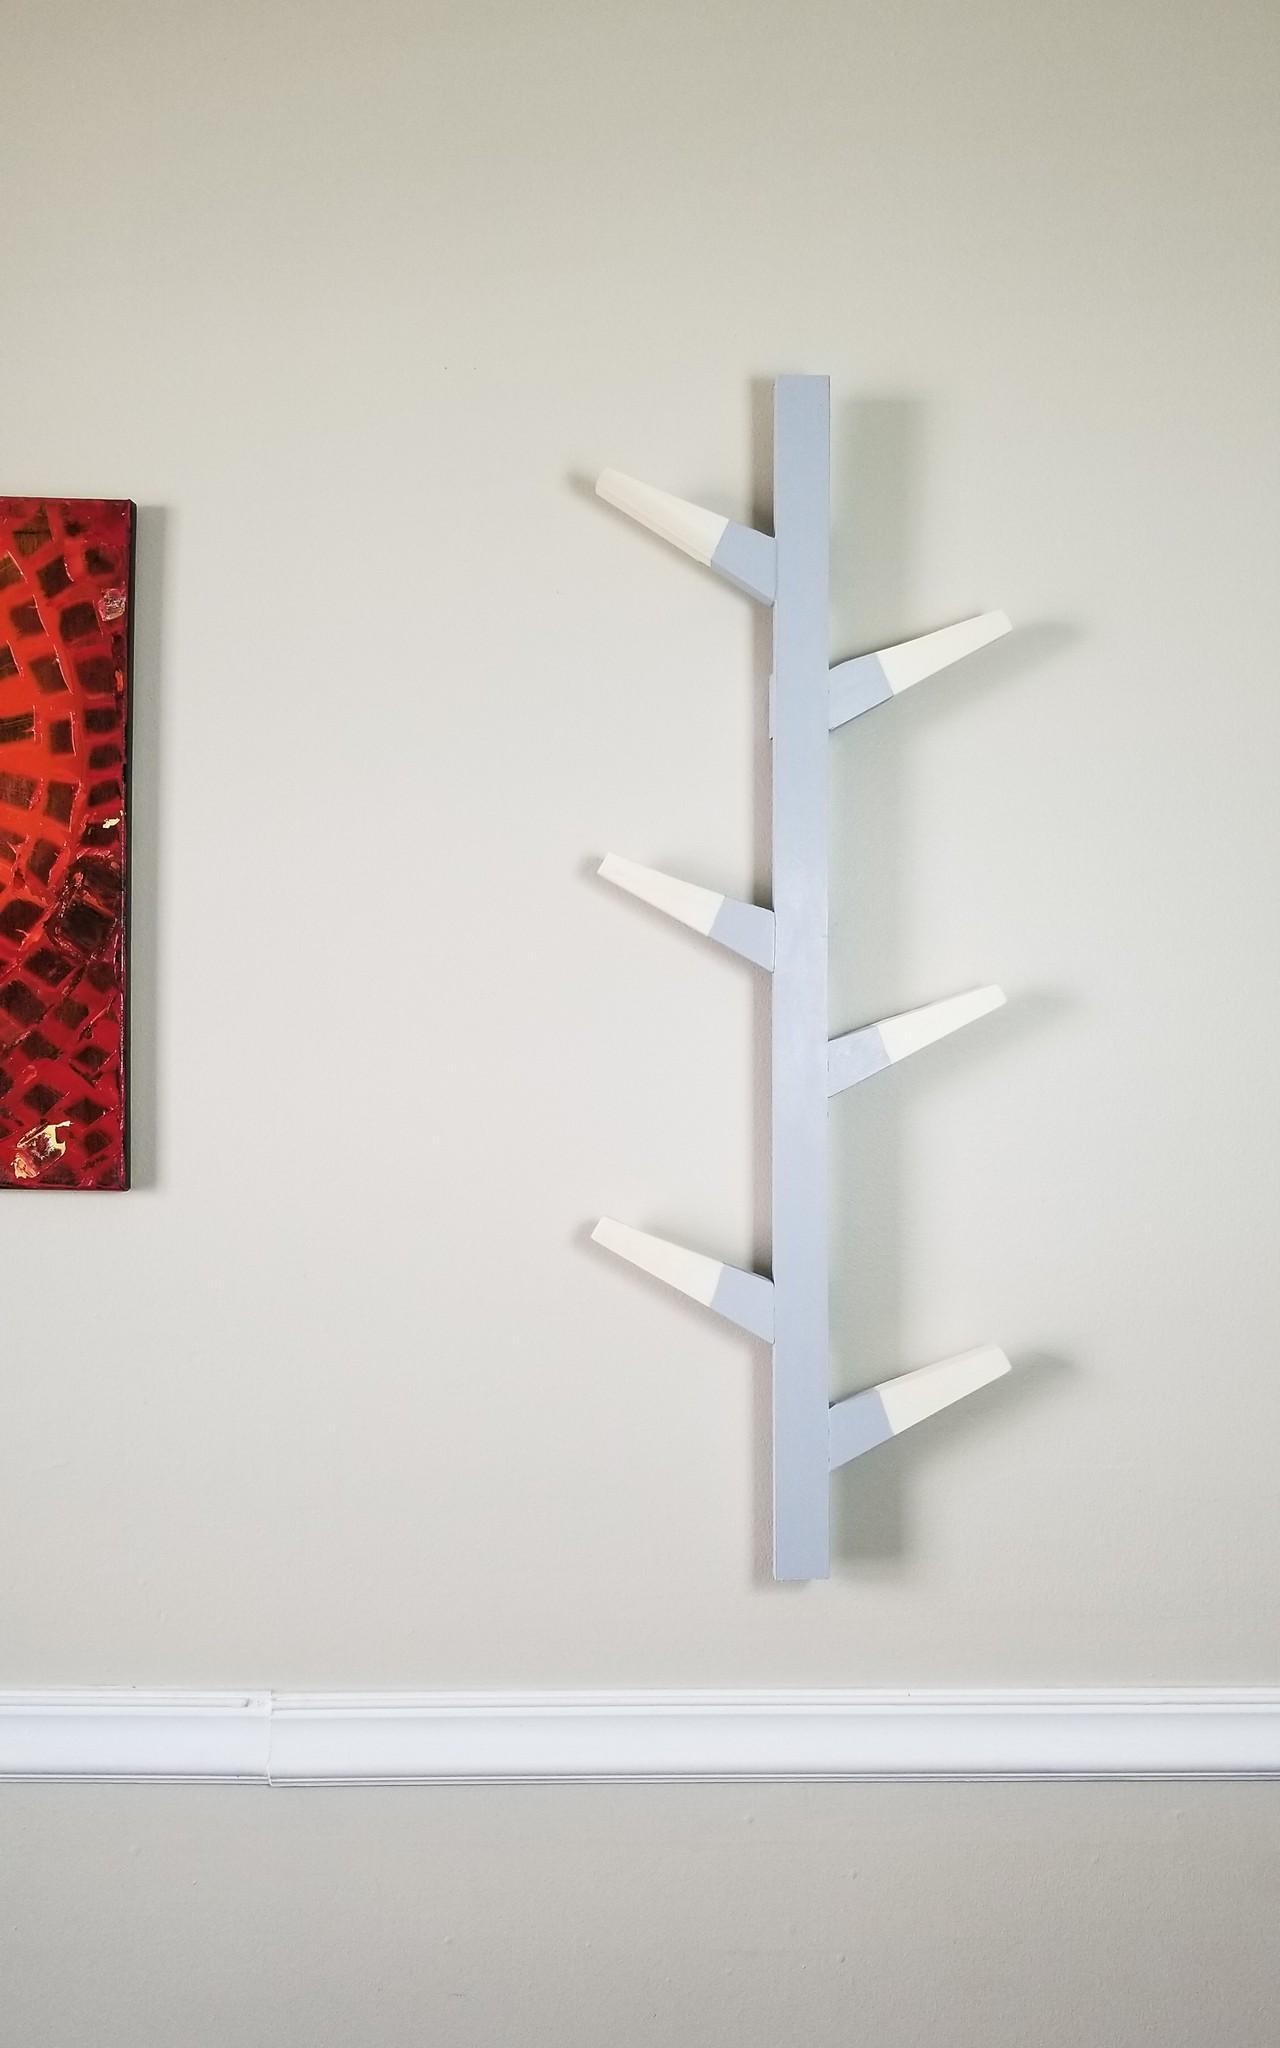 DIY Vertical Wall mounted Coat Hanger